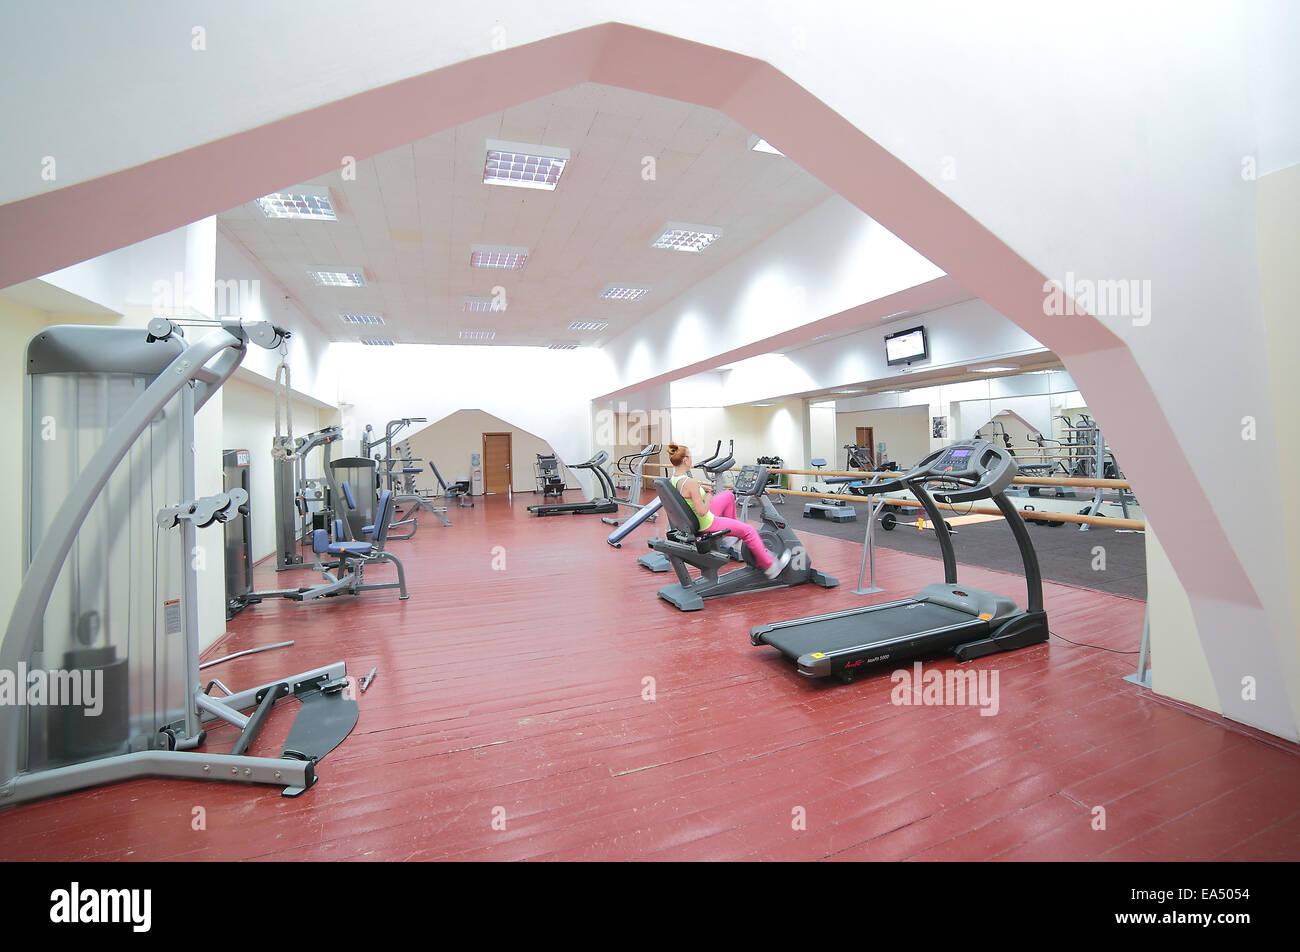 Traineger equipos de gimnasio, gimnasio Imagen De Stock